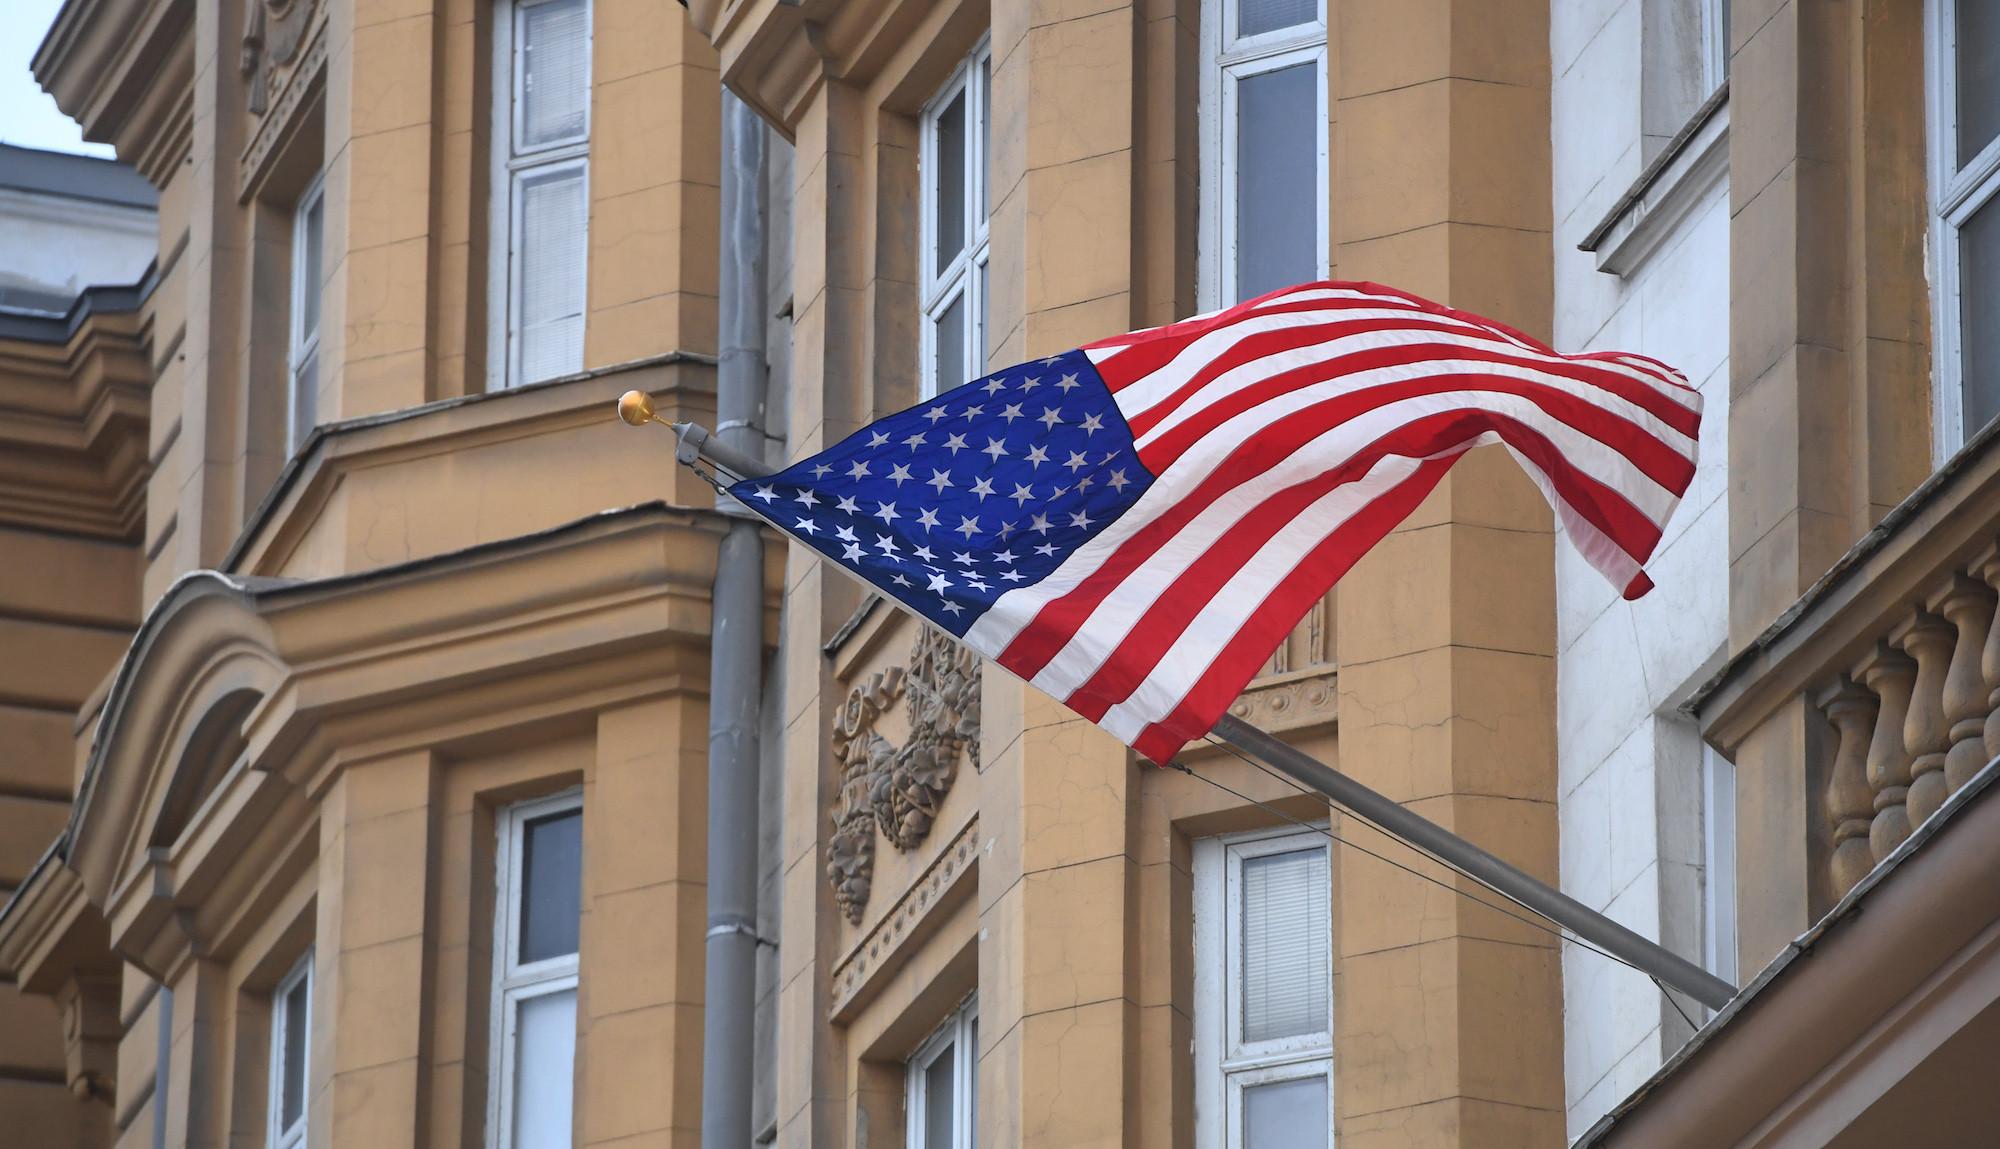 <p><span>Государственный флаг США на фасаде здания посольства США в Москве. Фото: &copy; РИА Новости/Илья Питалев</span></p>